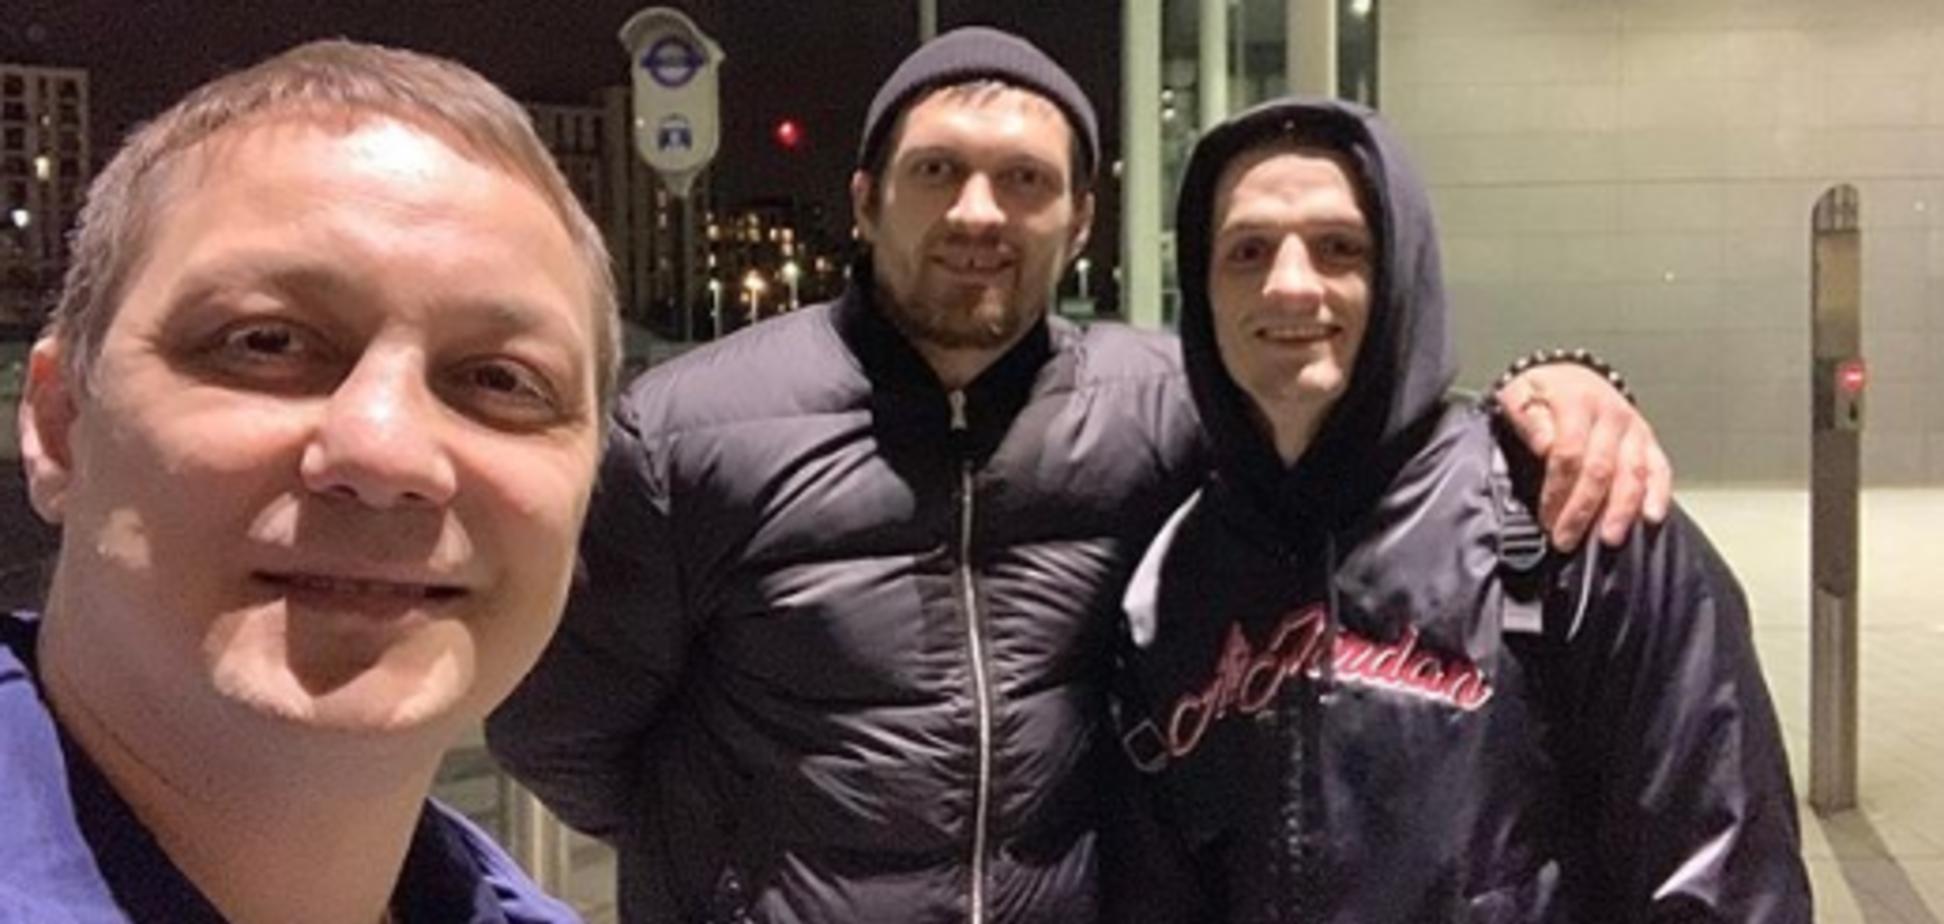 Антон Кадушин, Александр Усик и Глеб Бакши